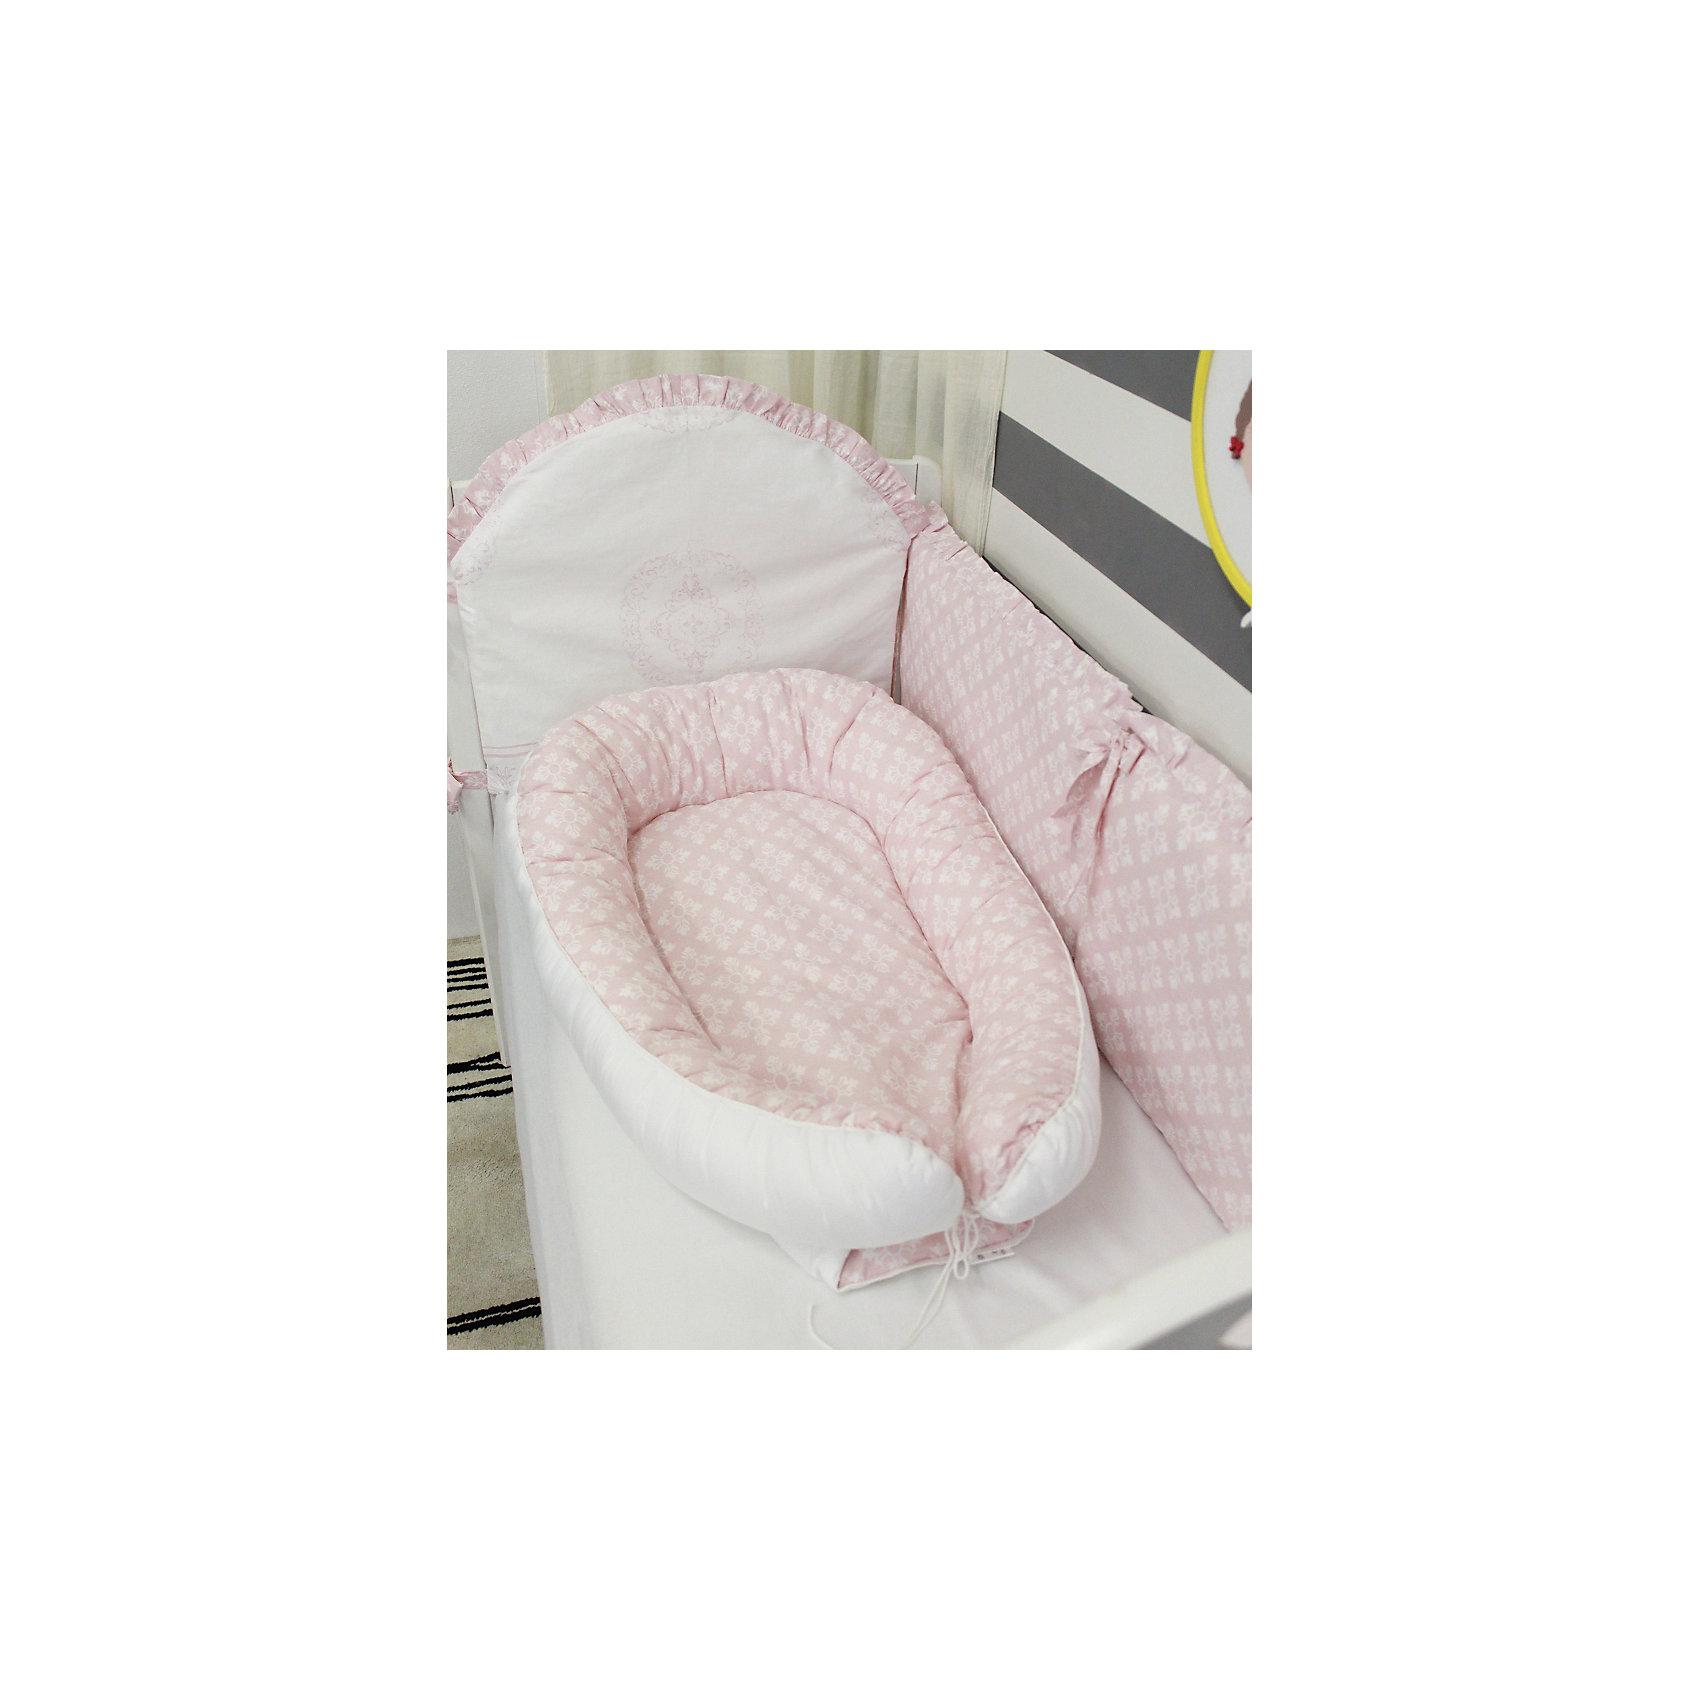 Подушка-гнездо для малыша Babynest, byTwinz, ФидераМатрасы<br>Глубокий кокон для деток от рождения и до полугода выступает уютным гнездышком для малыша, защищено по бокам бортиками, внутри есть матрасик. Подушку можно использовать во время сна, кормления и игр крохи. Края бортиков соединяются друг с другом и завязываются стягивающим шнурком. В расправленном виде бортиков подушку-гнездо можно использовать как пеленальный матрасик. Компактность изделия BabyNest позволяет брать гнездышко для малыша в дорогу, в гости, а также, использовать в качестве кокона-матрасика в детской люльке. <br> <br>Дополнительная информация:<br><br>Внешние размеры подушки-гнезда ByTwinz: 55х85/90 см<br>Внутренние размер спального места: 35х60/65 см <br><br>Основной материал: 100% хлопок<br>Наполнитель: холлофайбер <br><br>Подушку-гнездо для малыша Babynest, byTwinz, Фидера можно купить в нашем интернет-магазине.<br><br>Ширина мм: 470<br>Глубина мм: 350<br>Высота мм: 160<br>Вес г: 795<br>Возраст от месяцев: 0<br>Возраст до месяцев: 6<br>Пол: Женский<br>Возраст: Детский<br>SKU: 5045046